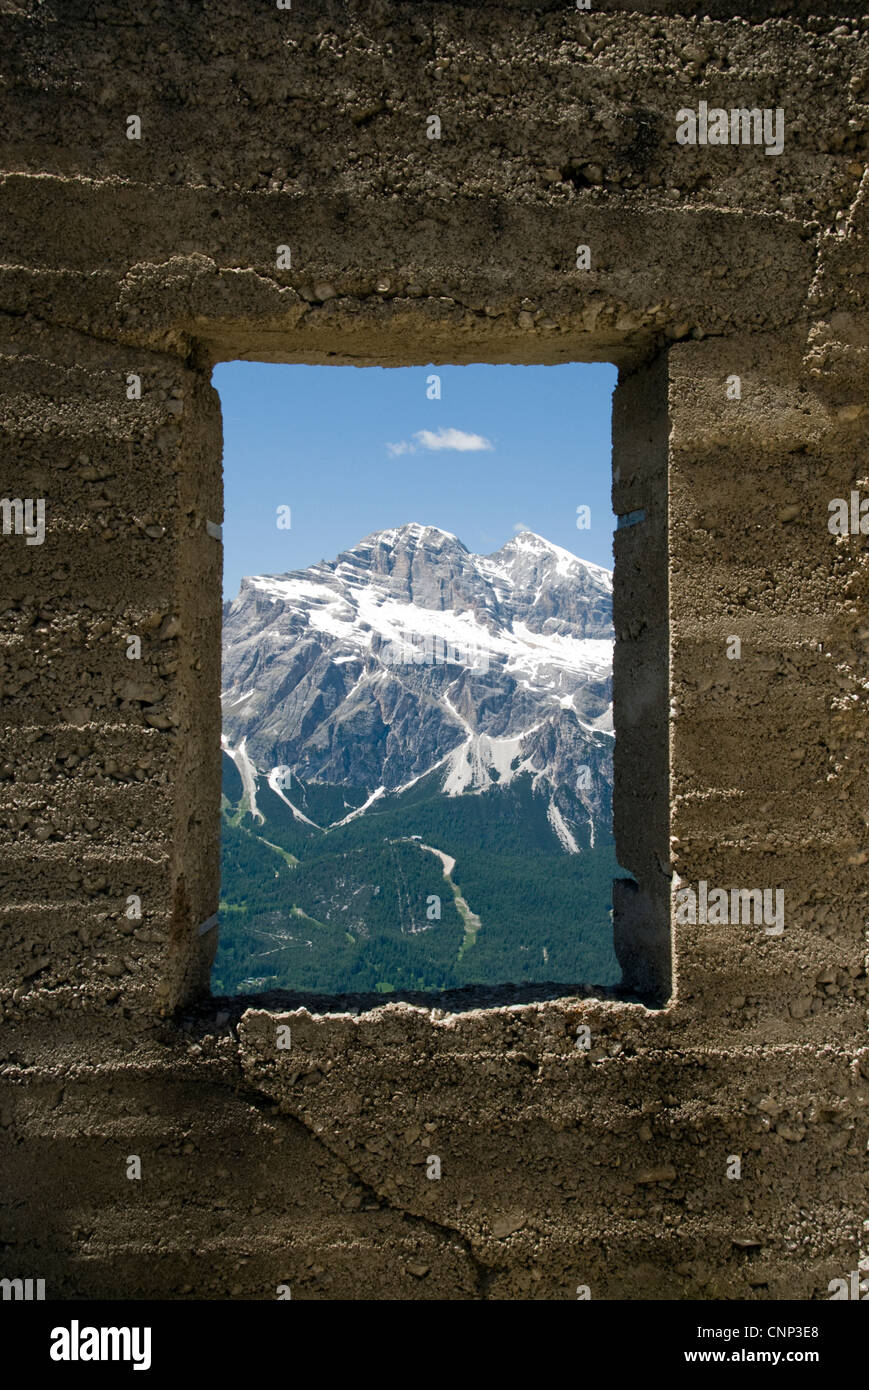 Tofana di Dentro, visto attraverso la finestra di una miniera abbandonata hut sul Monte Faloria, Cortina d'Ampezzo, Immagini Stock